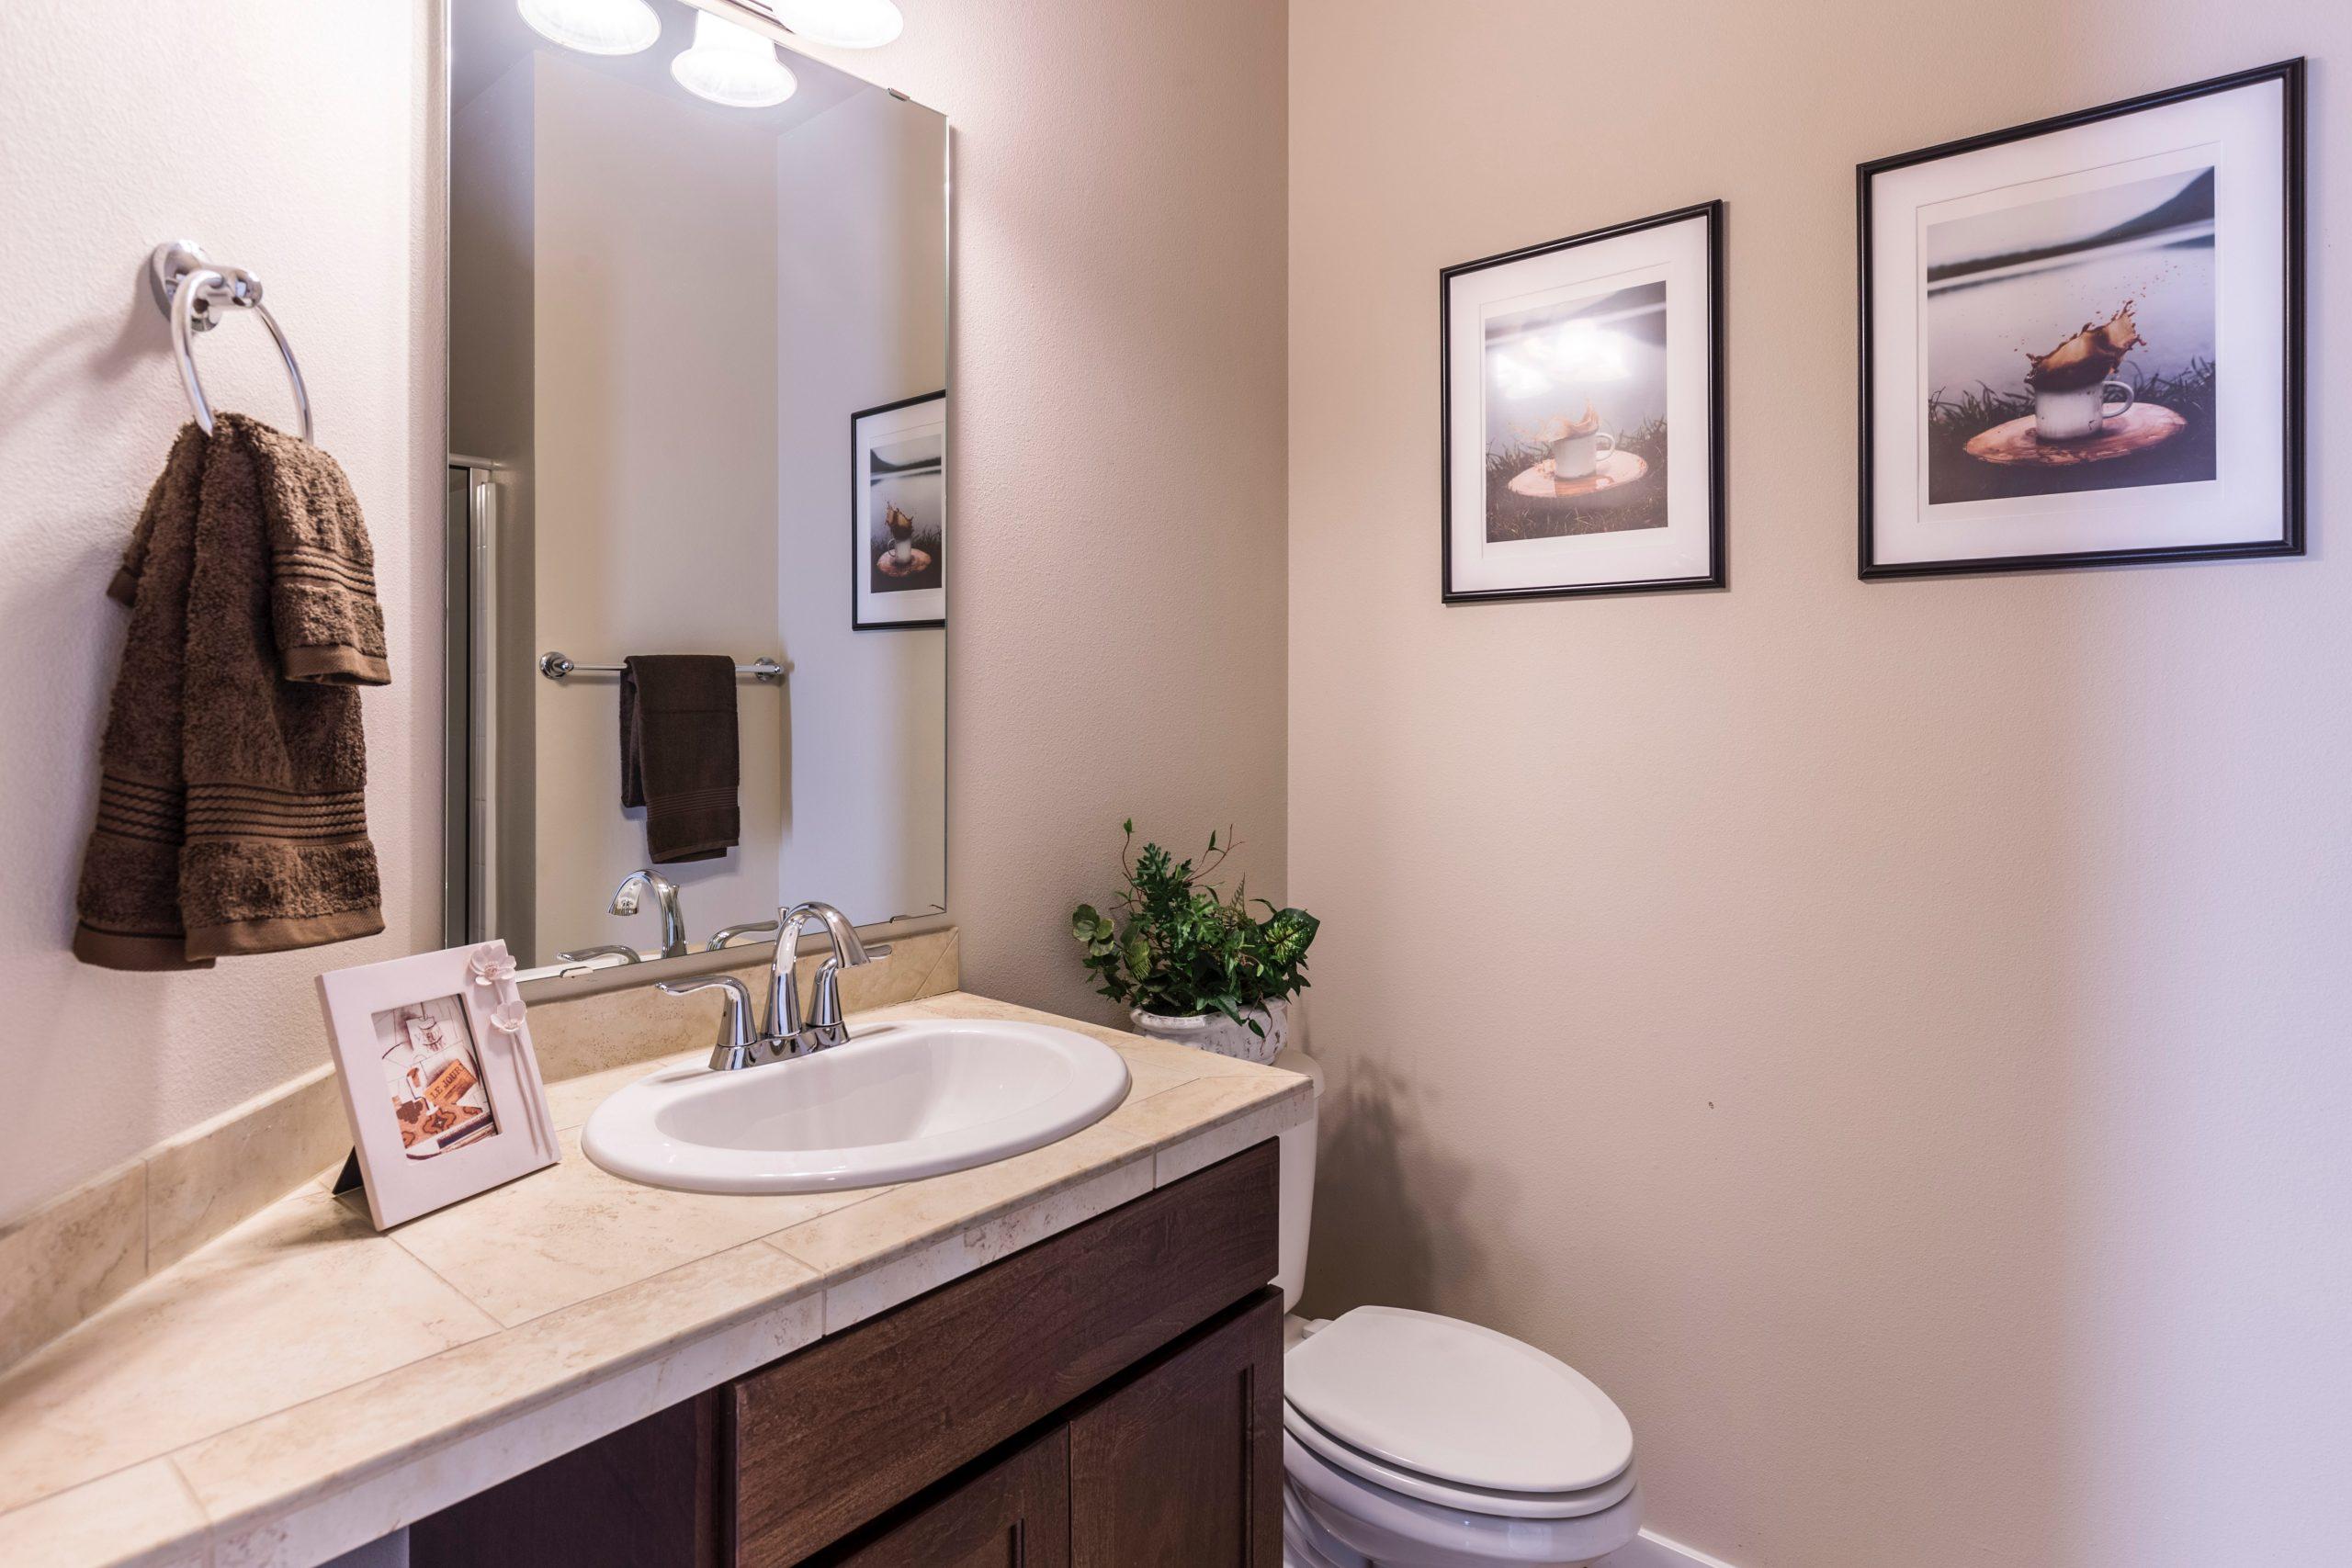 Soluções para banheiro sem janela